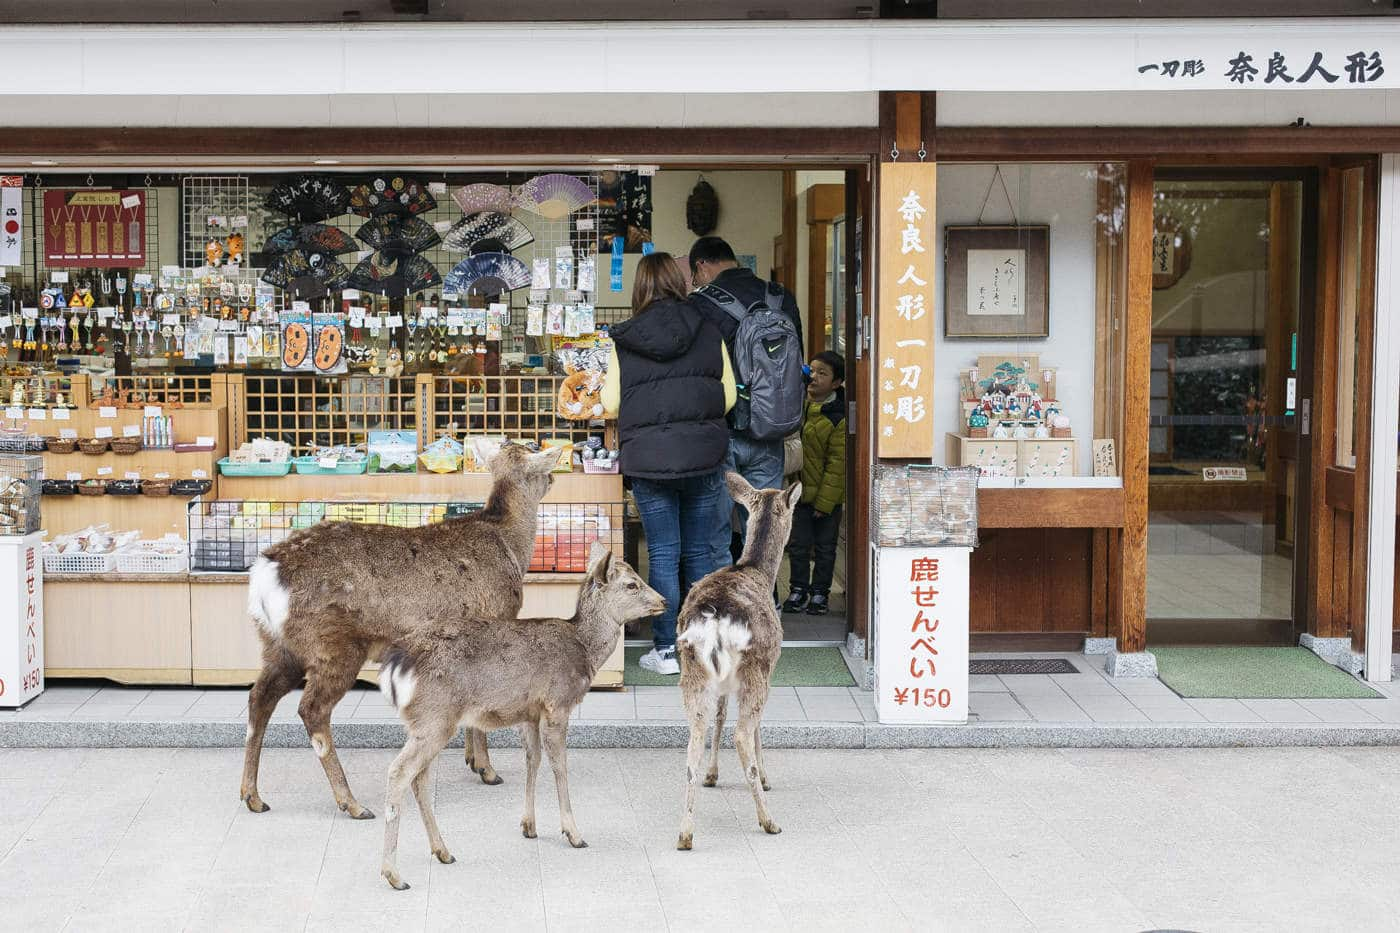 Kinlake-Japan-City-Lifestyle-9485